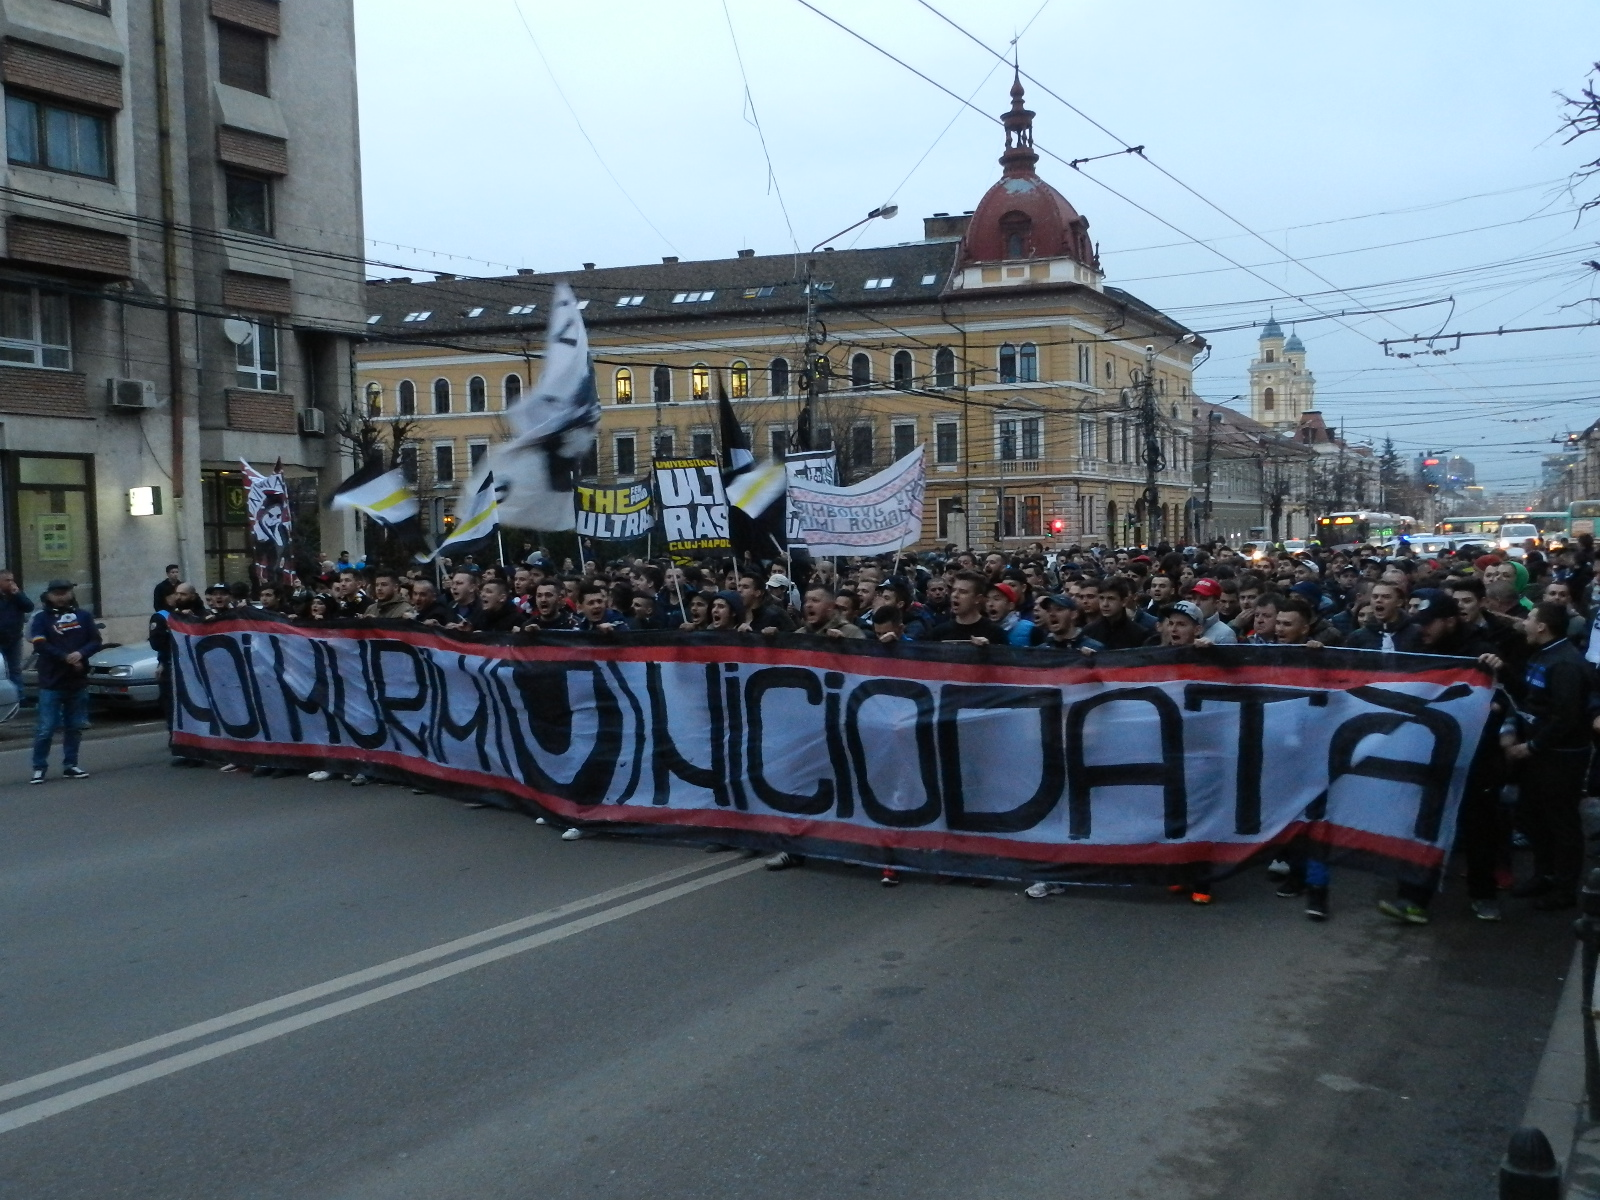 fani U Cluj miting 9 martie 2016